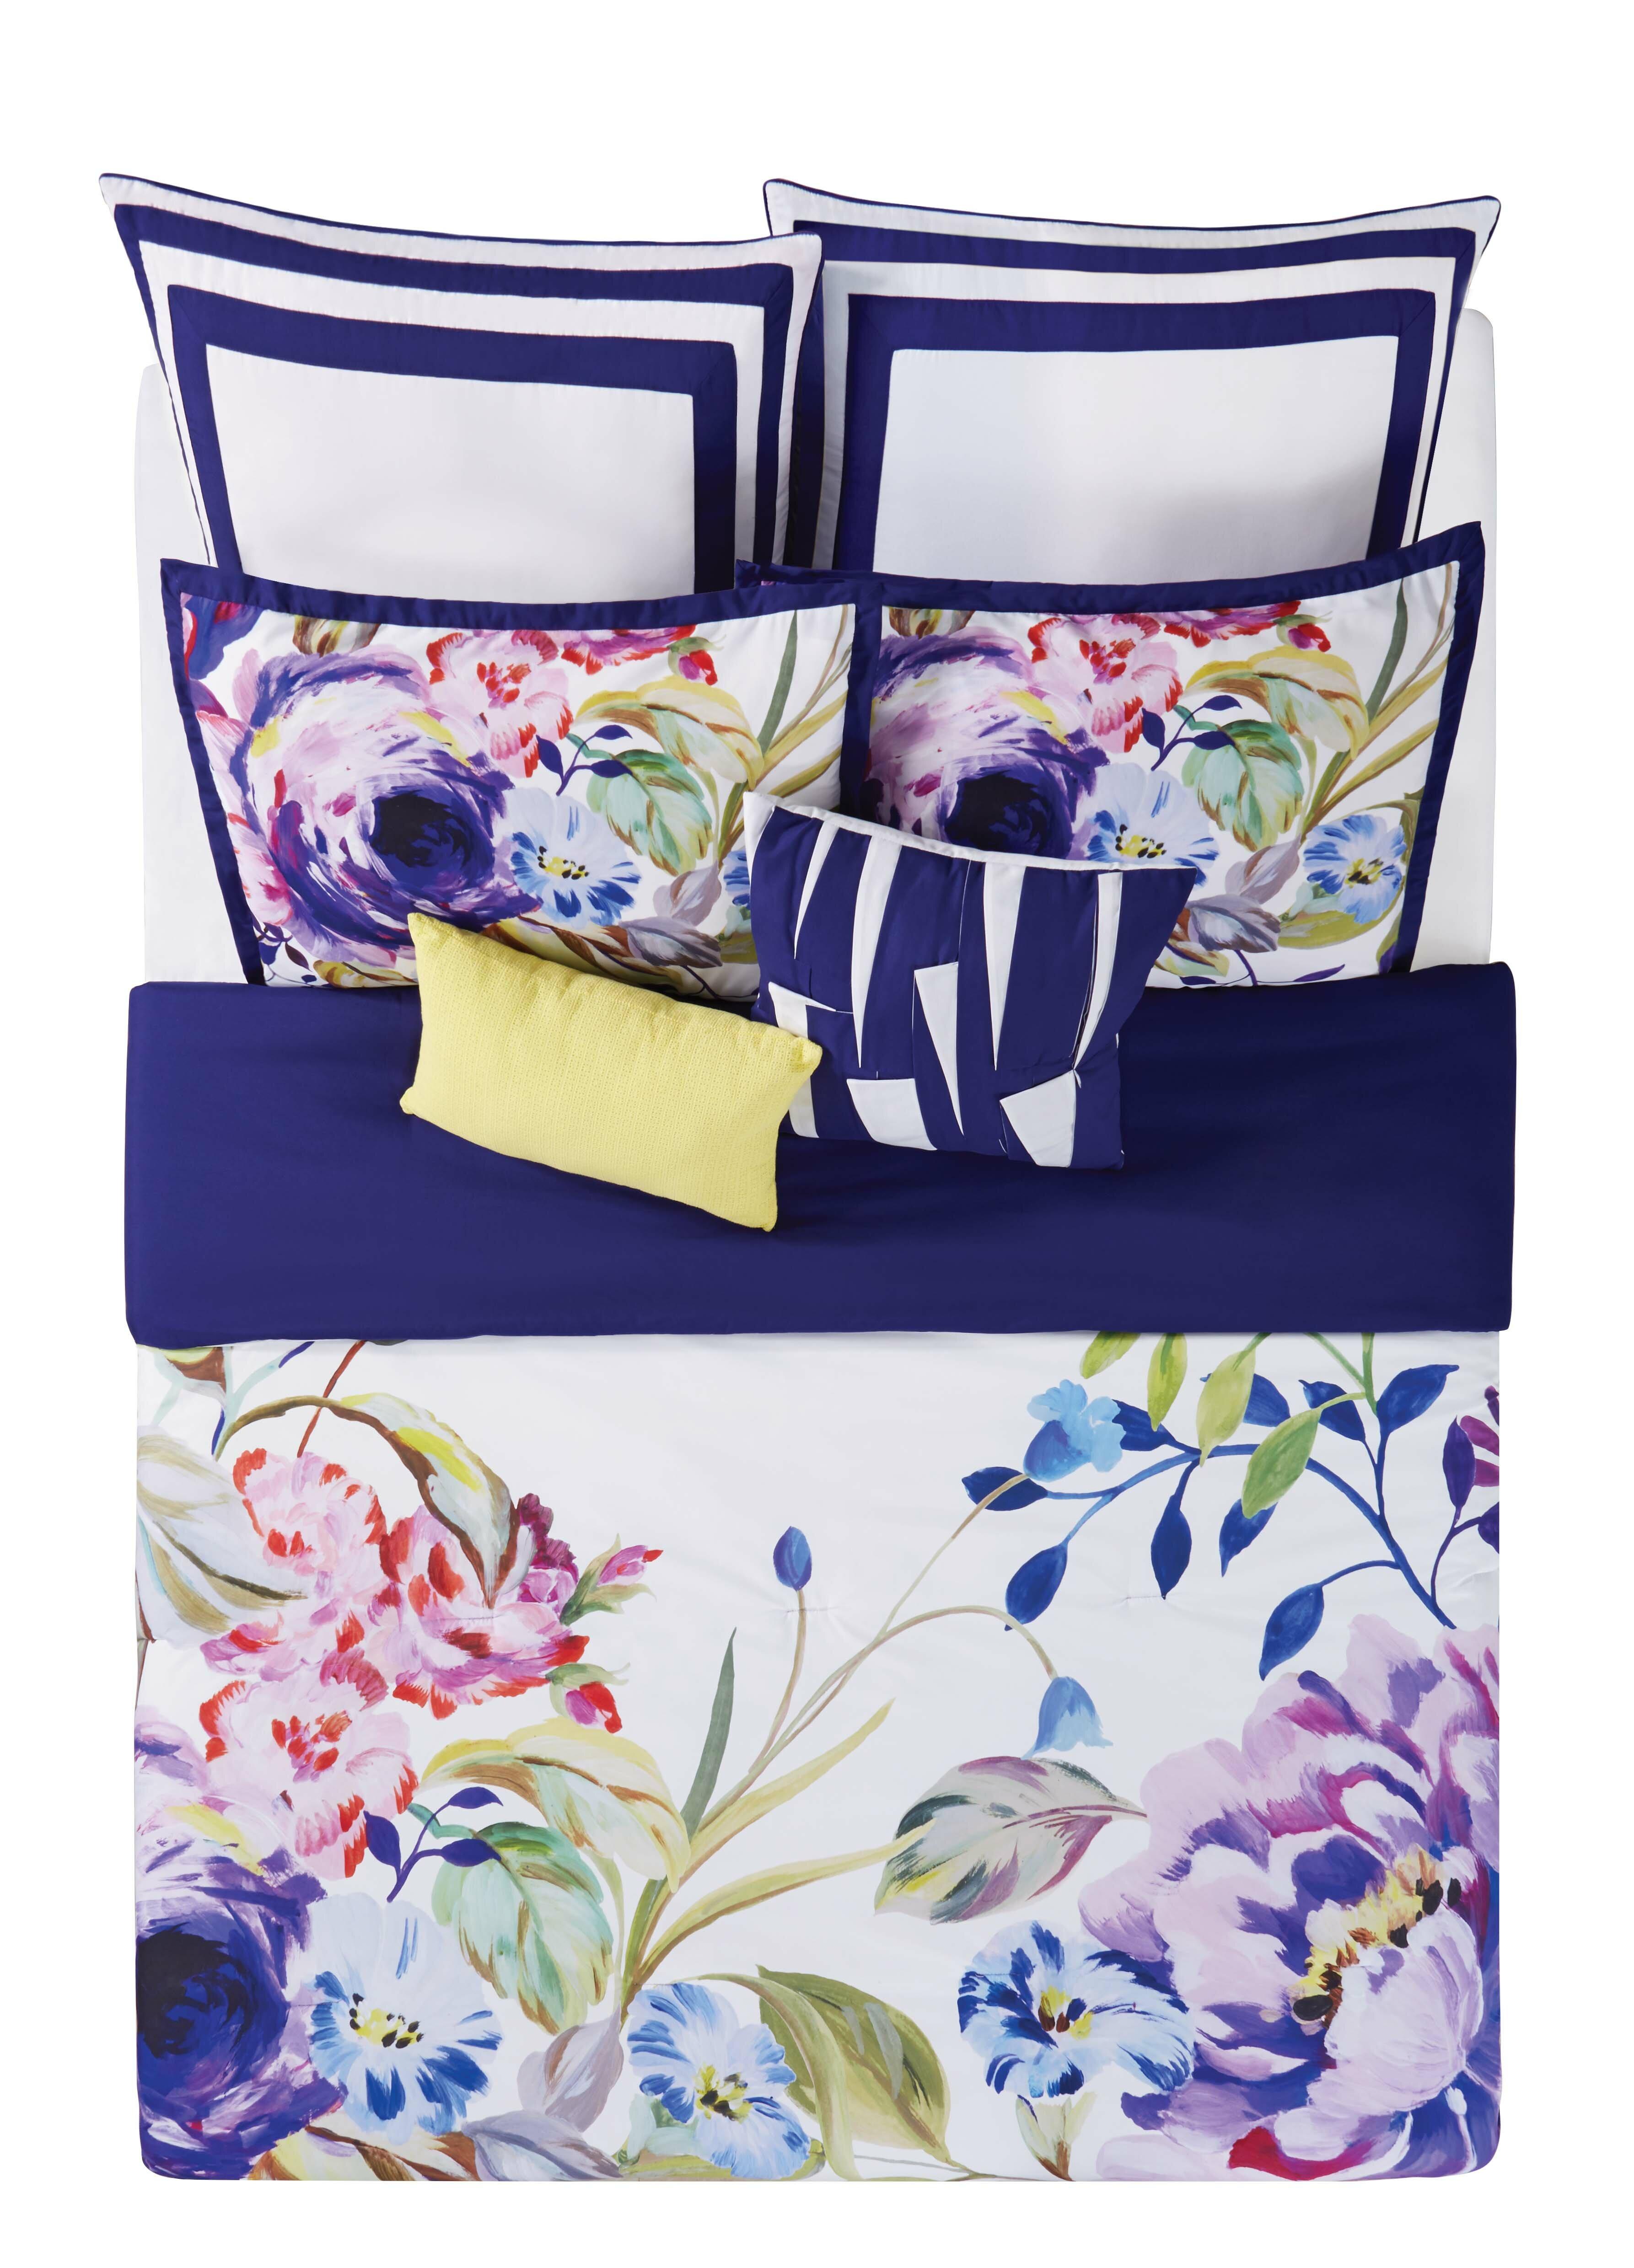 304092e47fc79 Christian Siriano Garden Bloom Comforter Set   Reviews